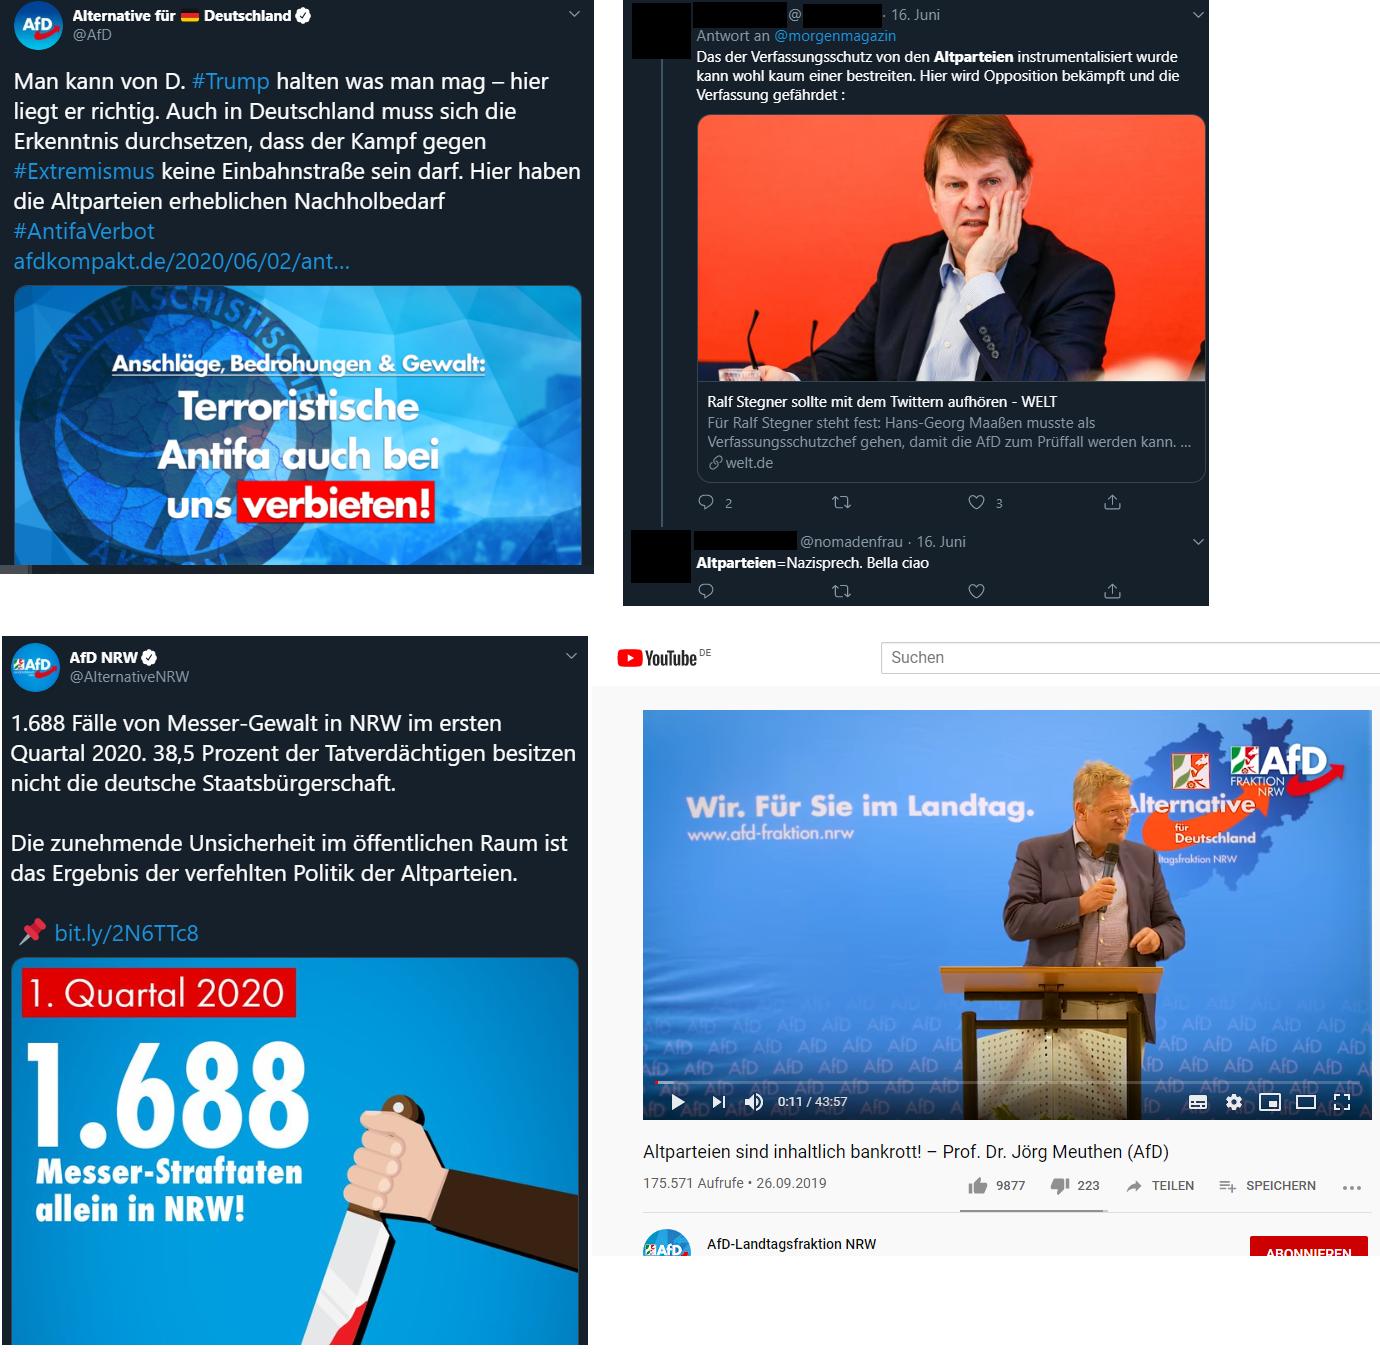 Abbildung 6 Altpartei in sozialen Netzwerken